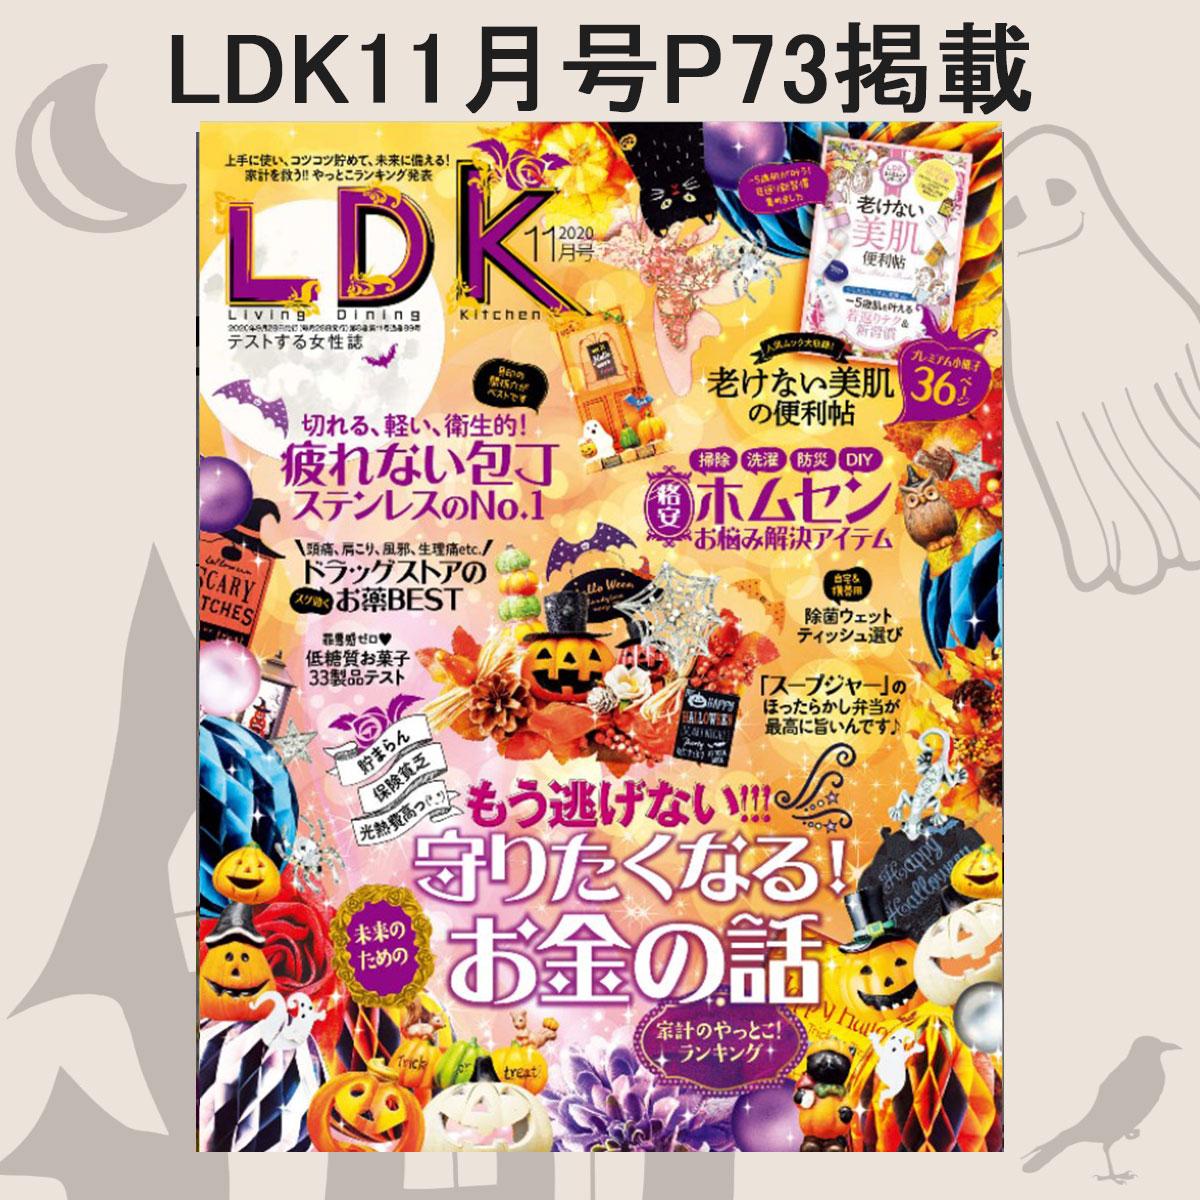 LDK掲載